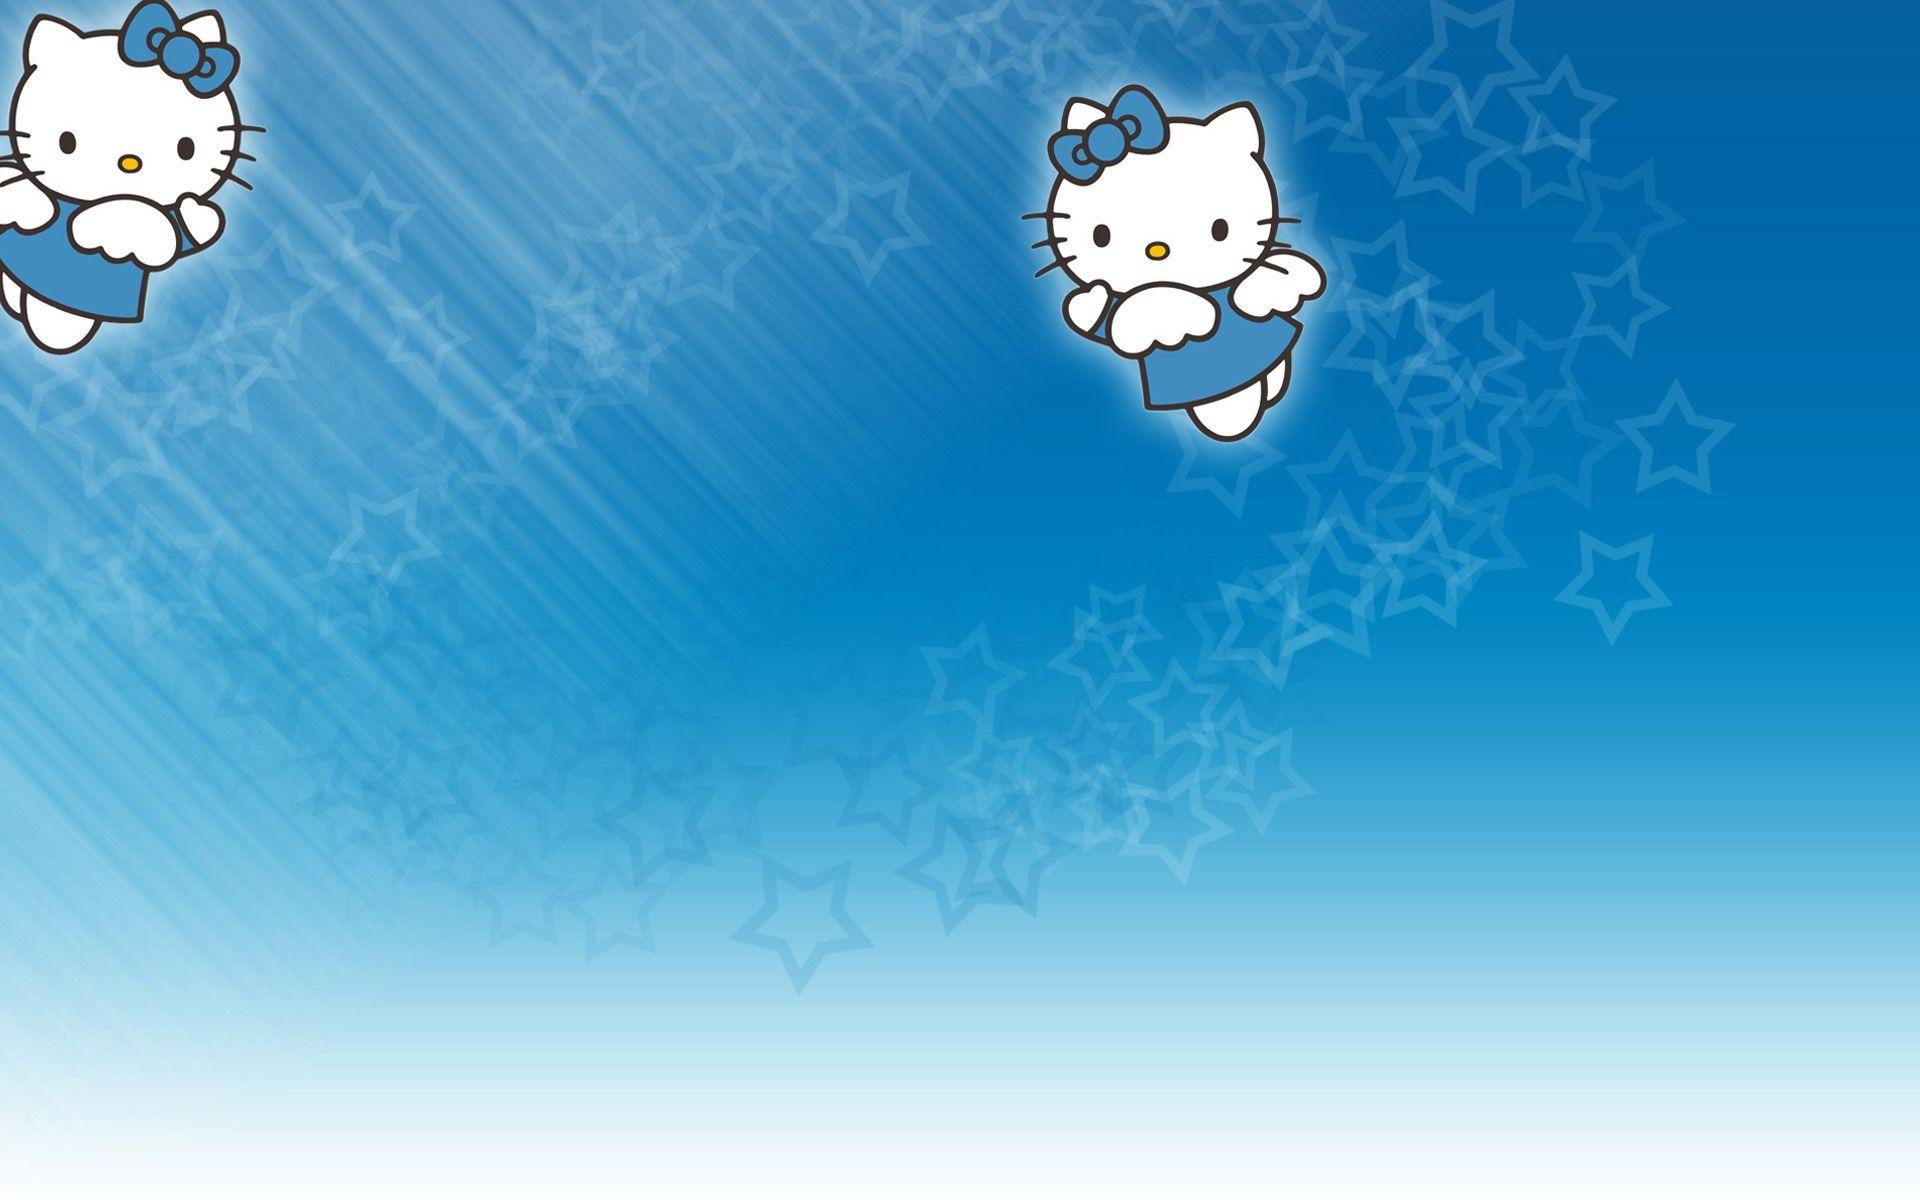 Cute Blue Hello Kitty Pic